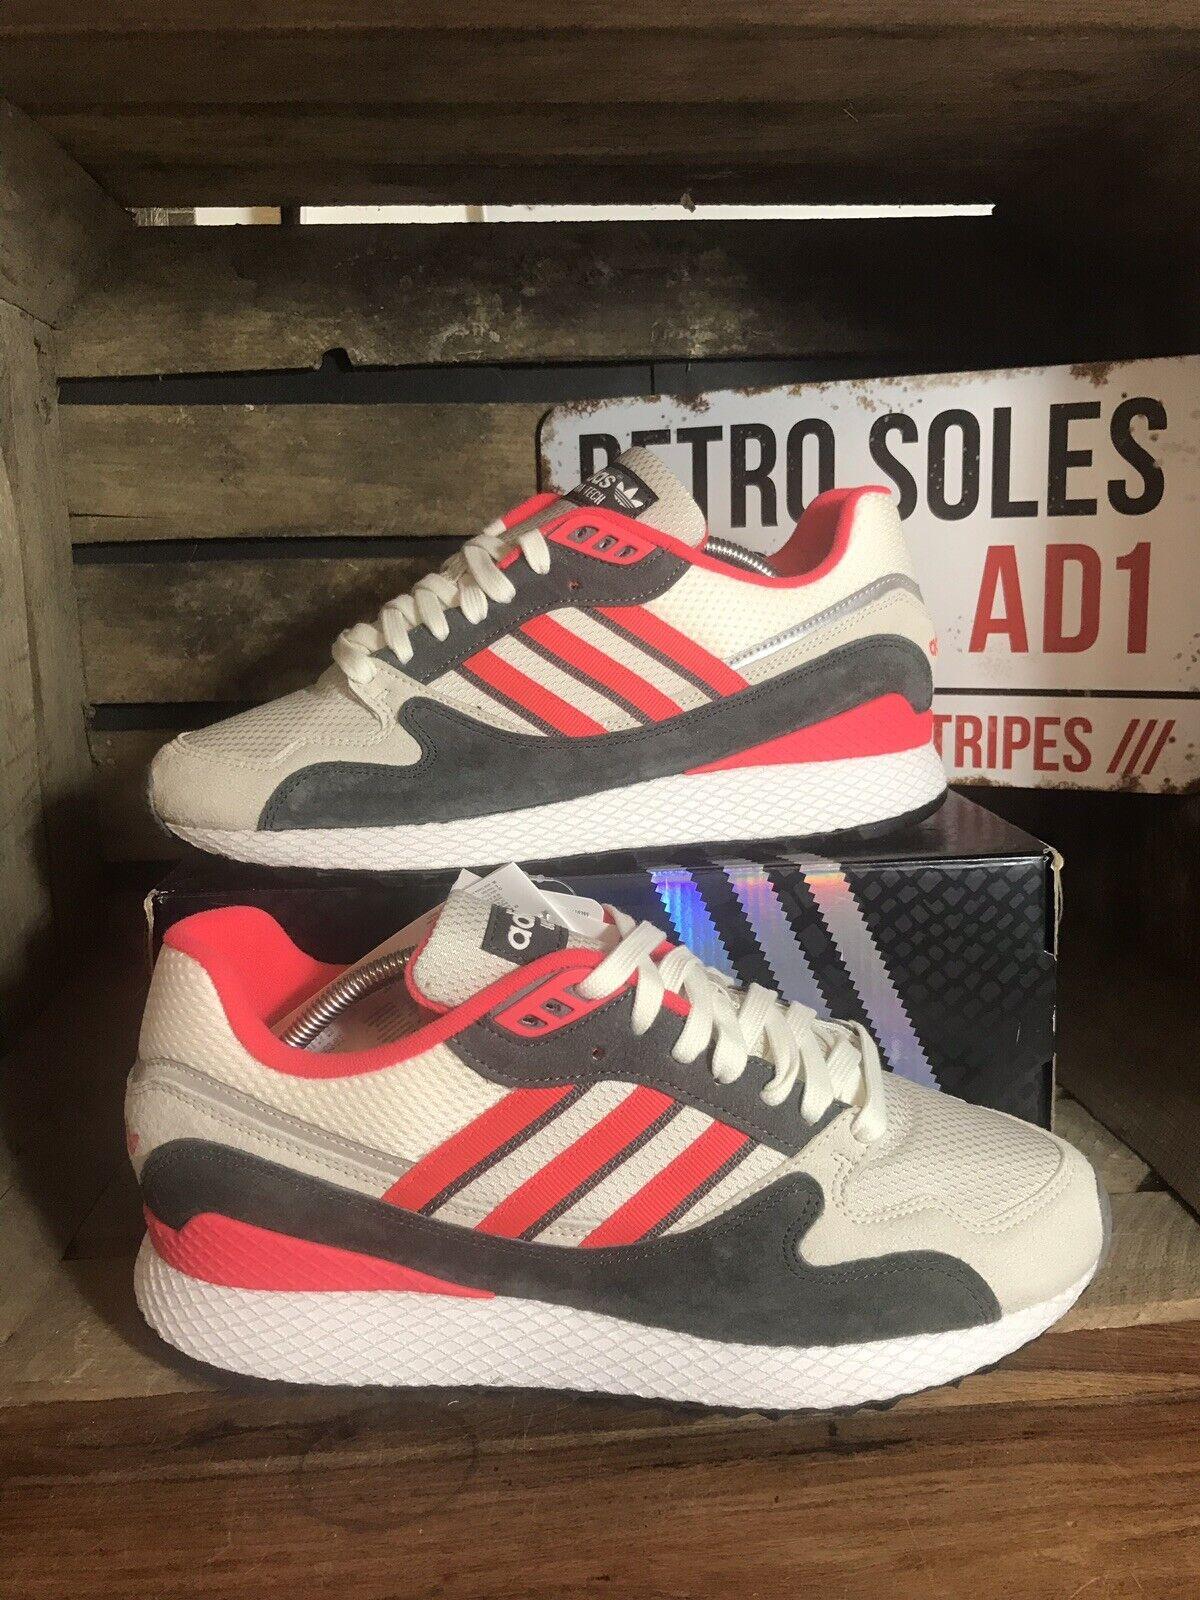 Adidas Originals Ultra Tech UK 9 gris Negro Rojo BD7935